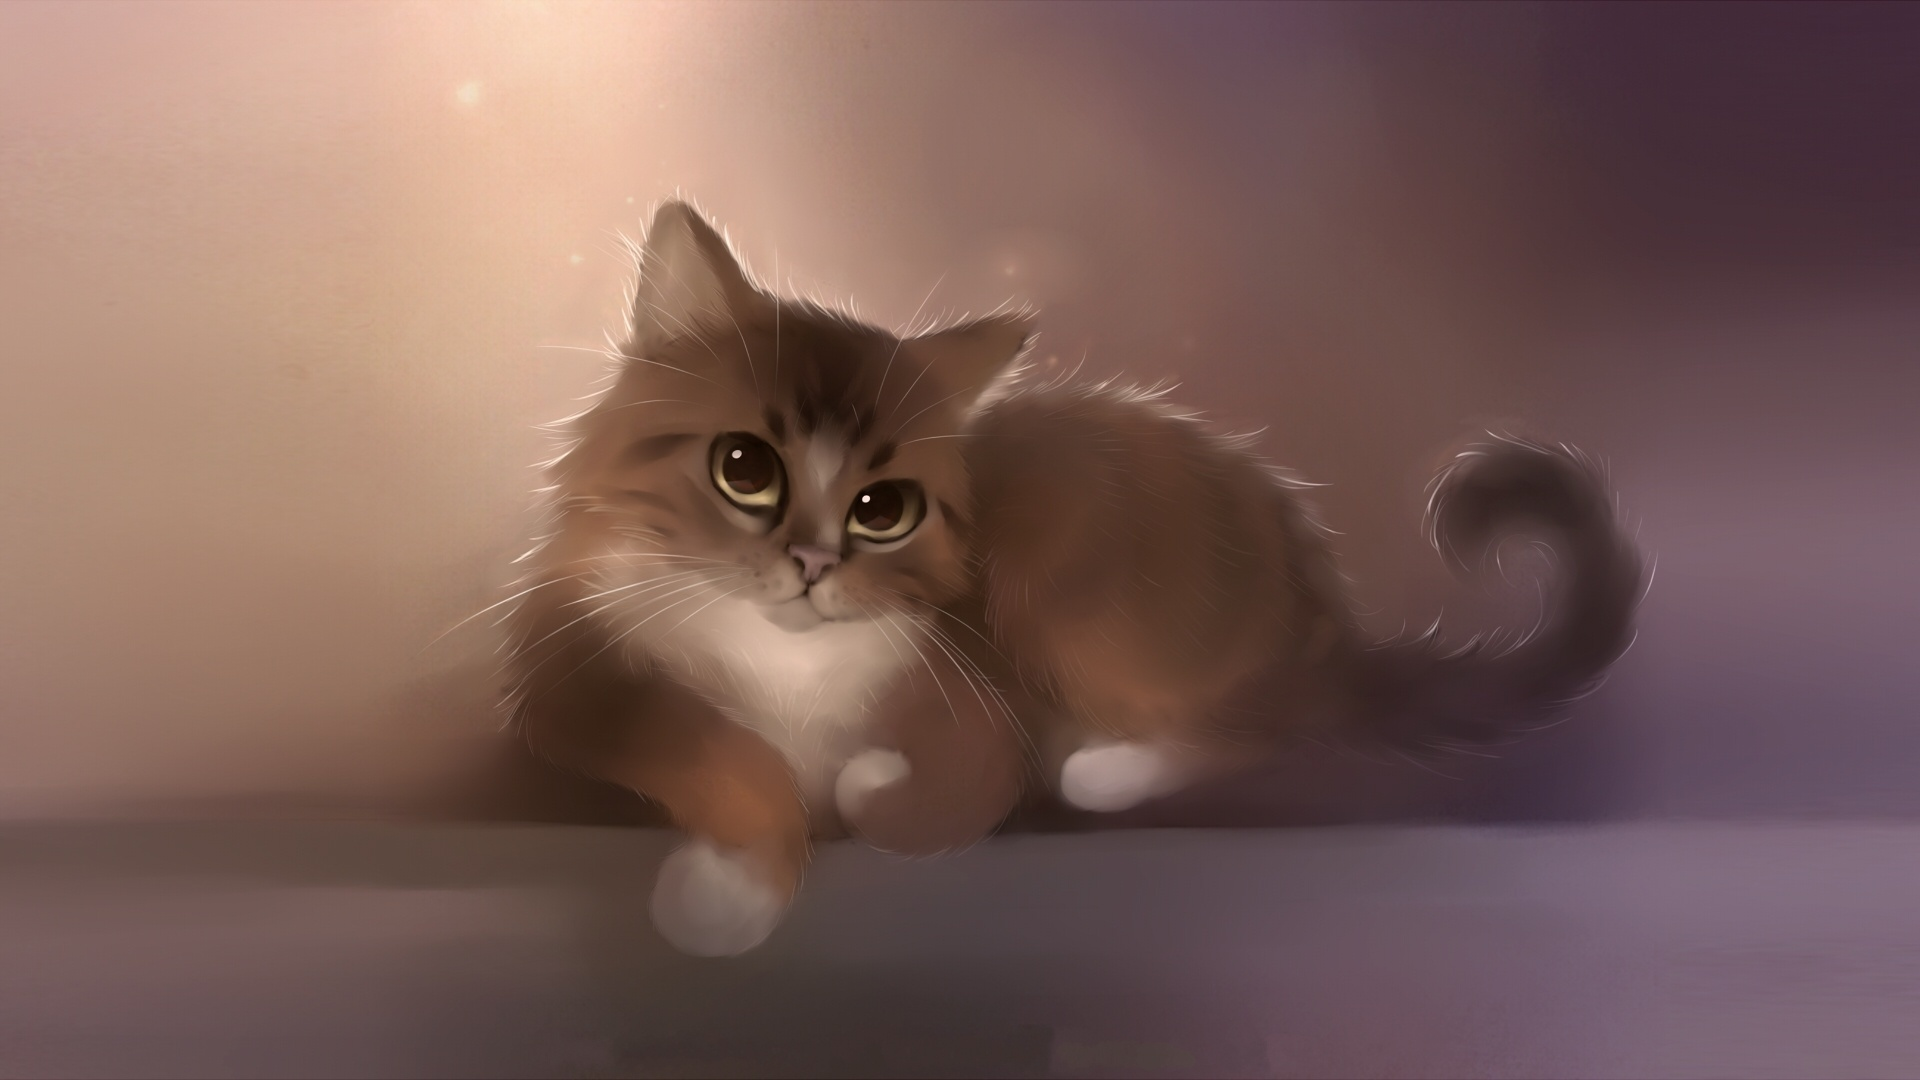 нарисованная кошка обои на рабочий стол № 1412729 без смс